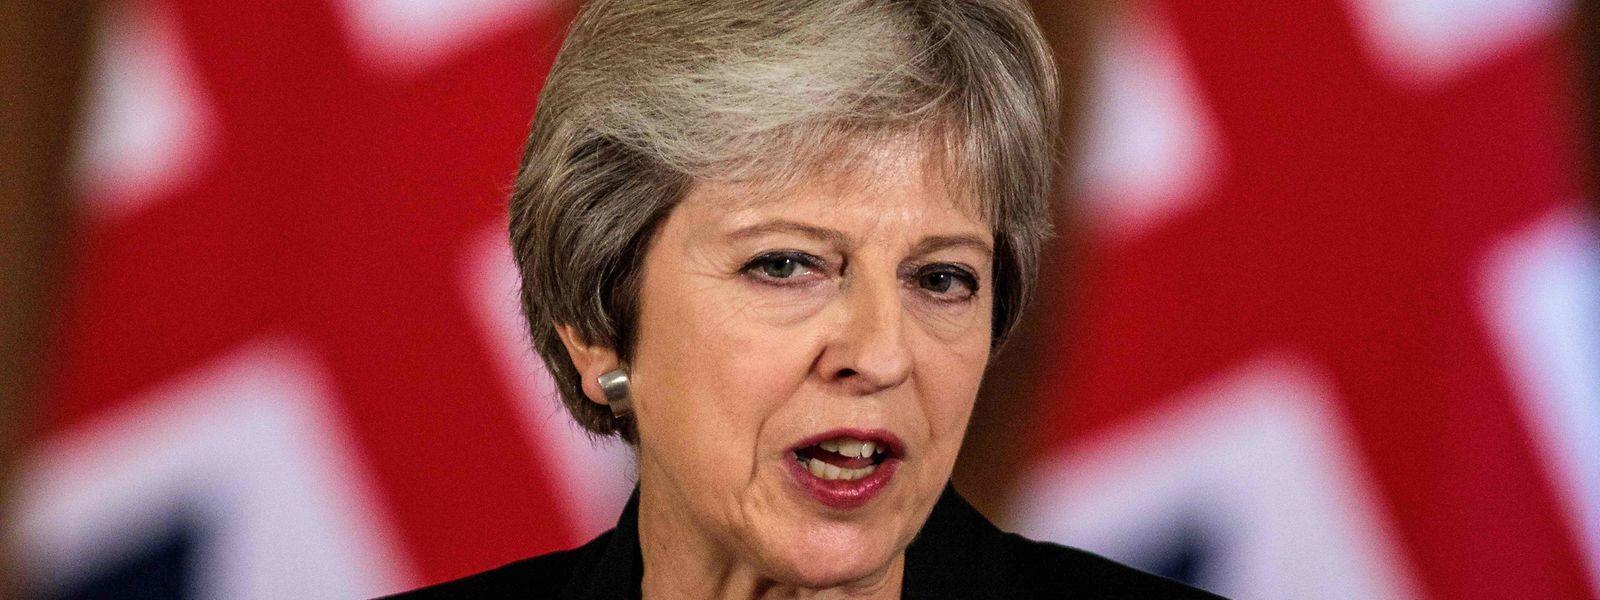 Britische Medien gingen davon aus, dass May versuchen will, die Brexit-Hardliner in der Tory-Partei beim Parteitag in Birmingham mit einer harten Linie gegenüber künftigen EU-Einwanderern auf ihre Seite zu ziehen.